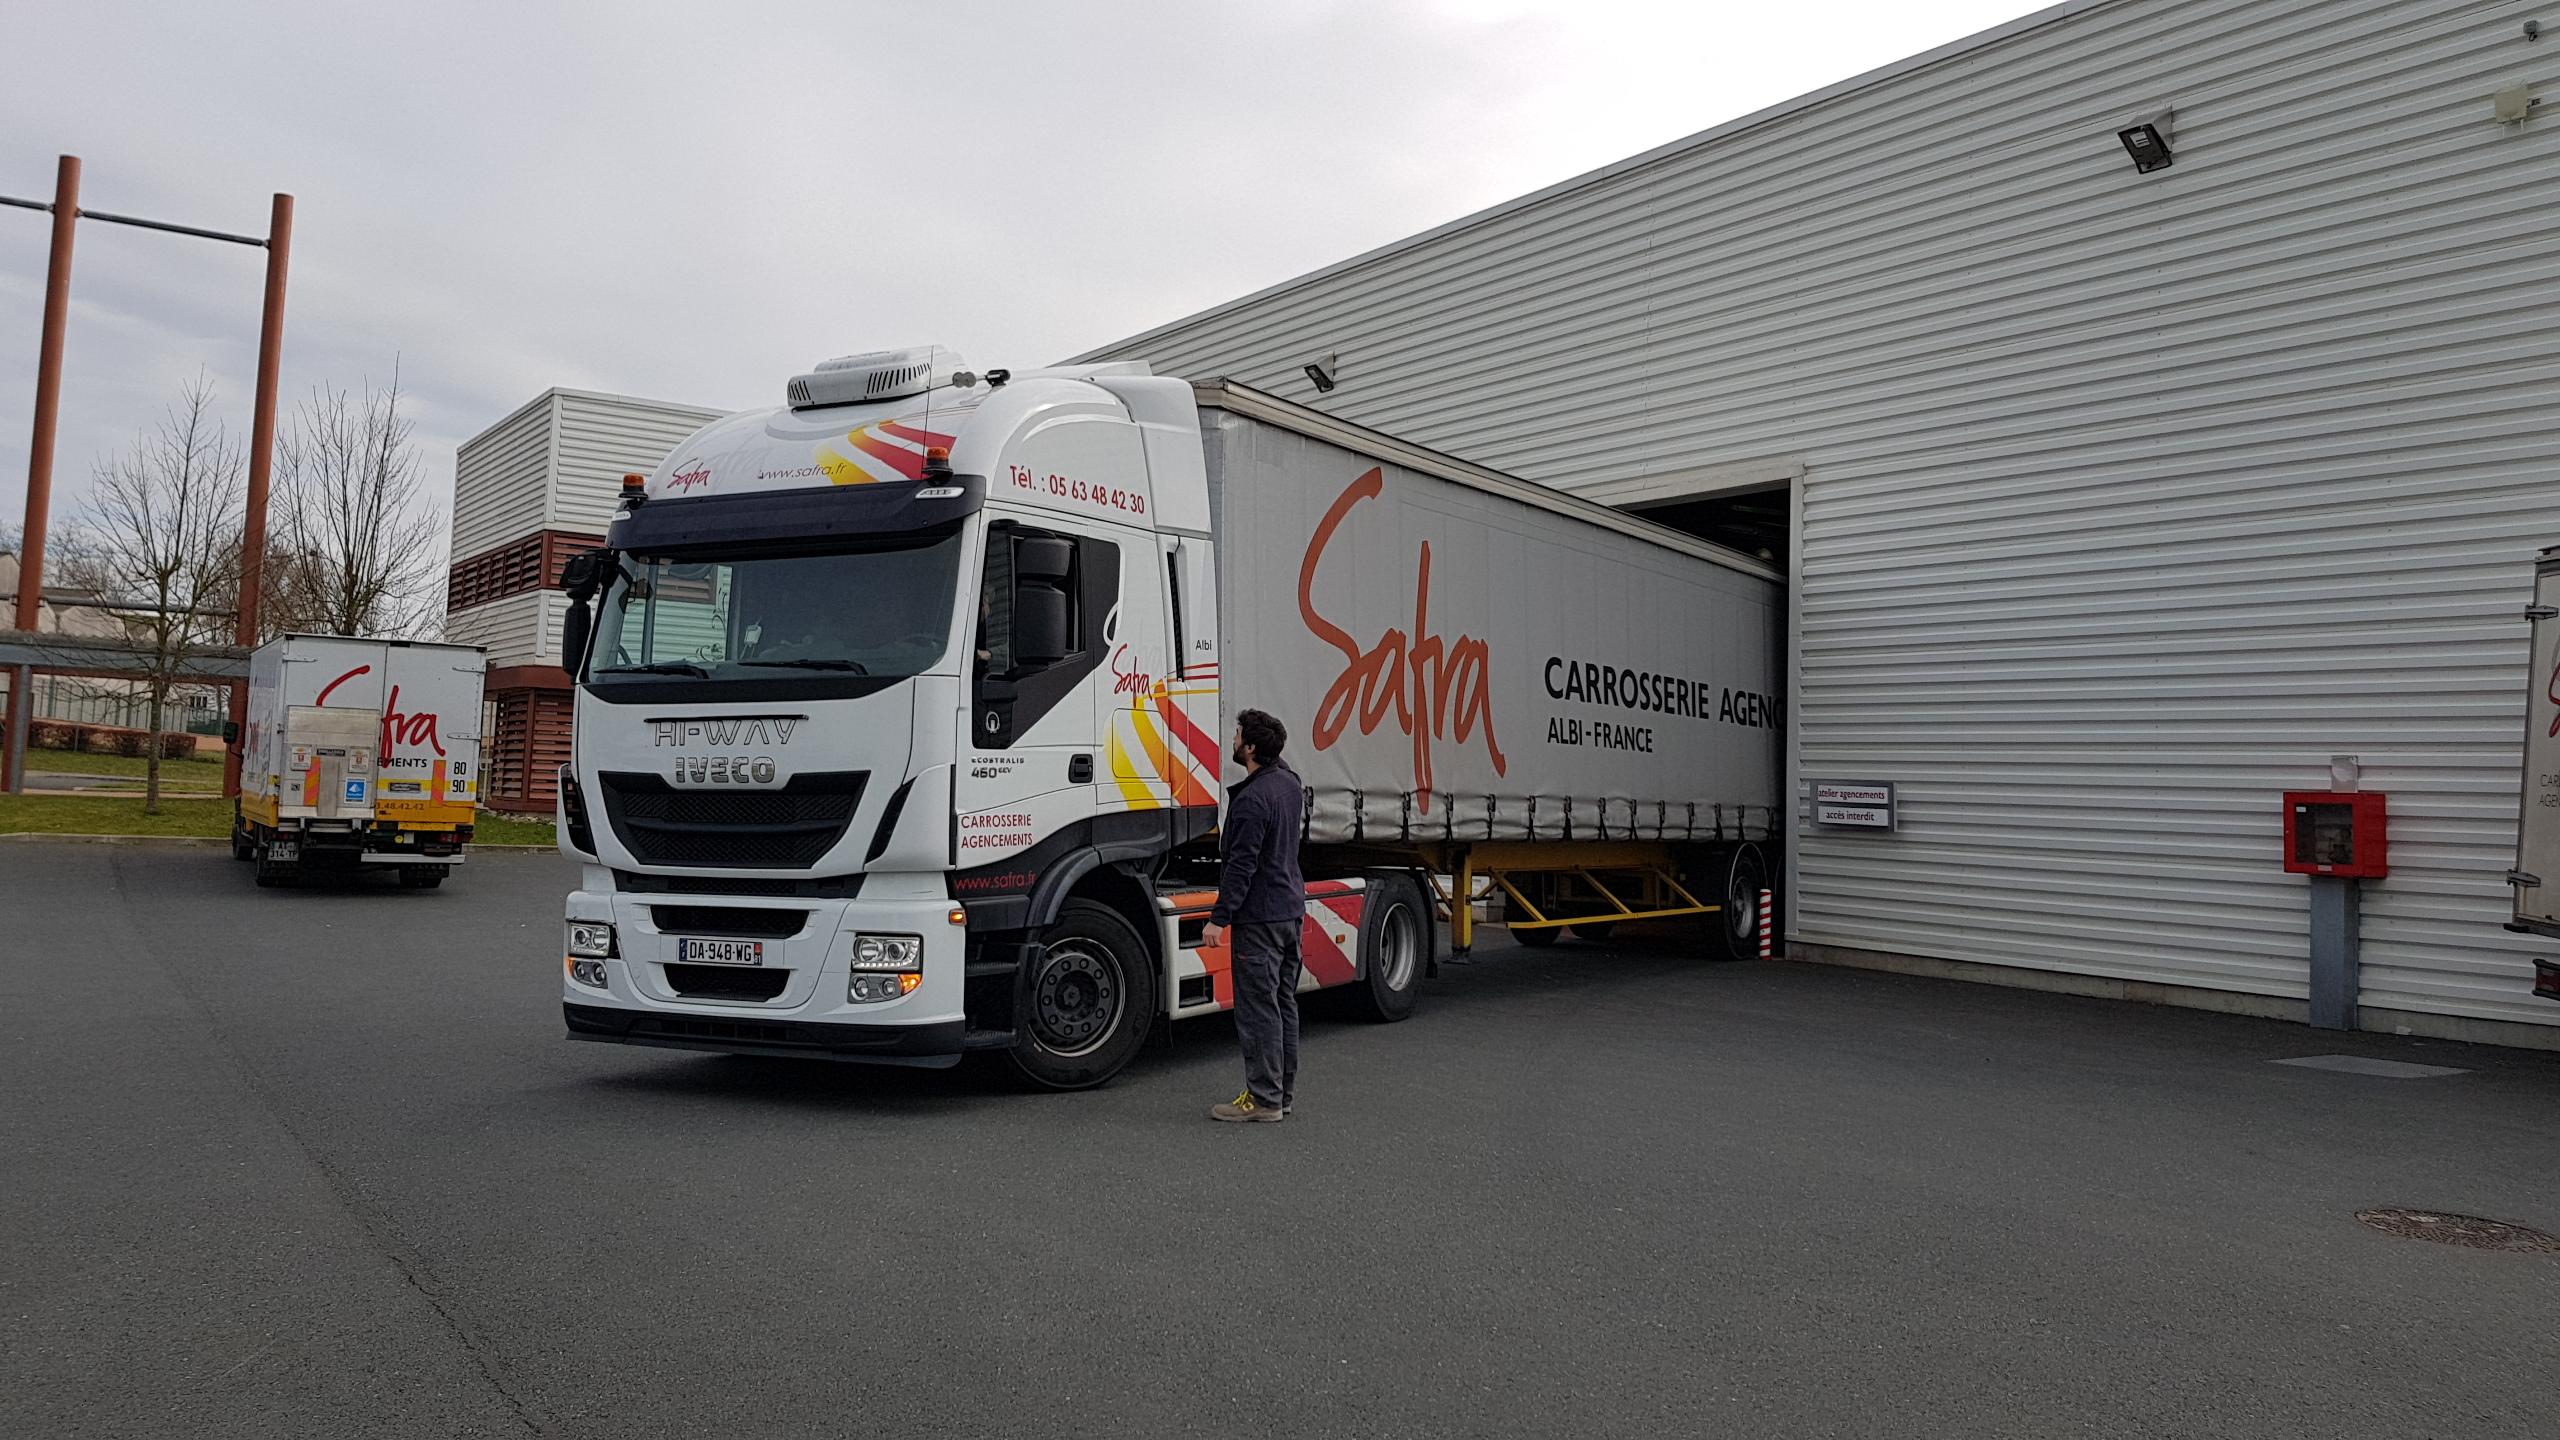 Flotte de transport de SAFRA Agencement